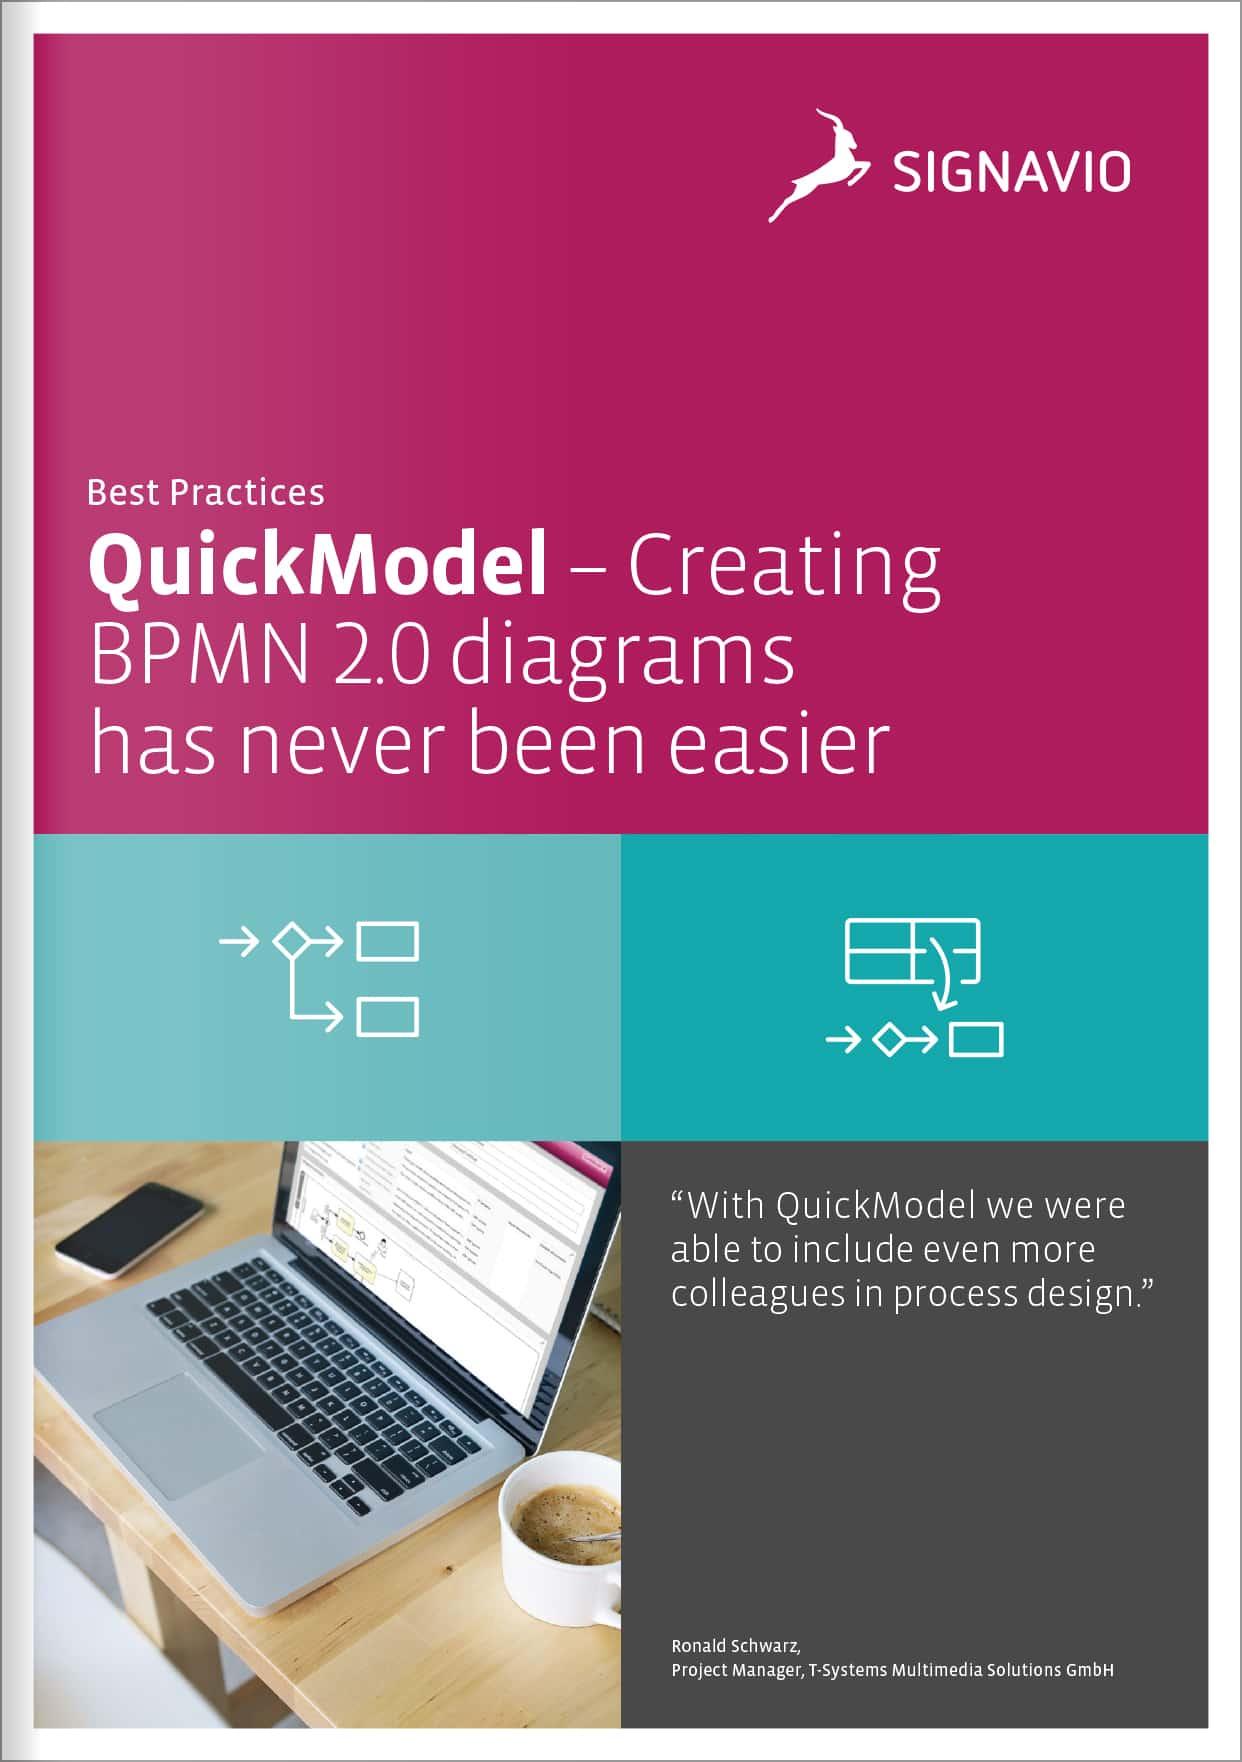 ignavio best practices quickmodel